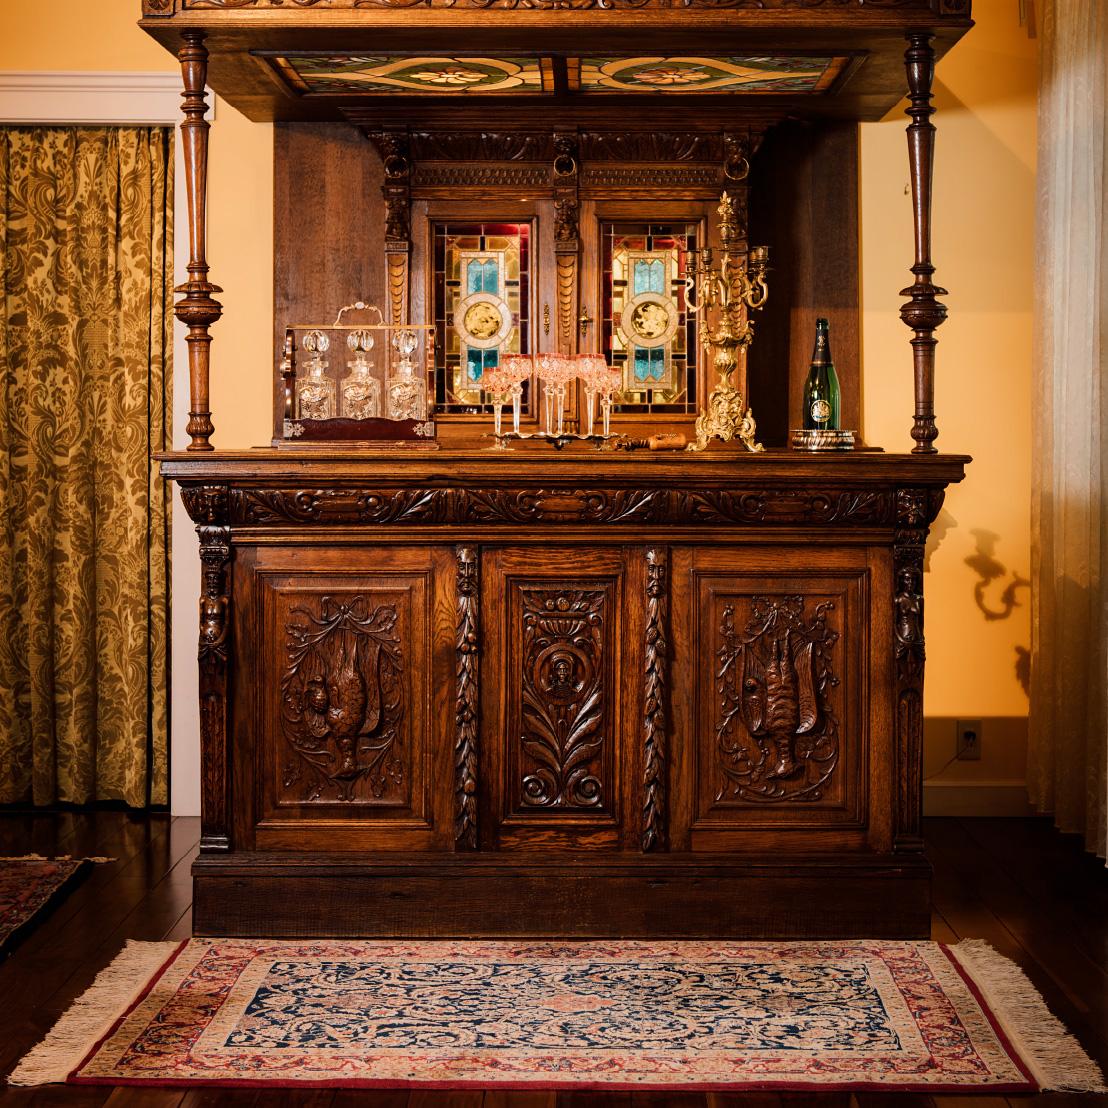 ウィグル手織絨毯によりアンティーク家具の「格」がさらに上がります